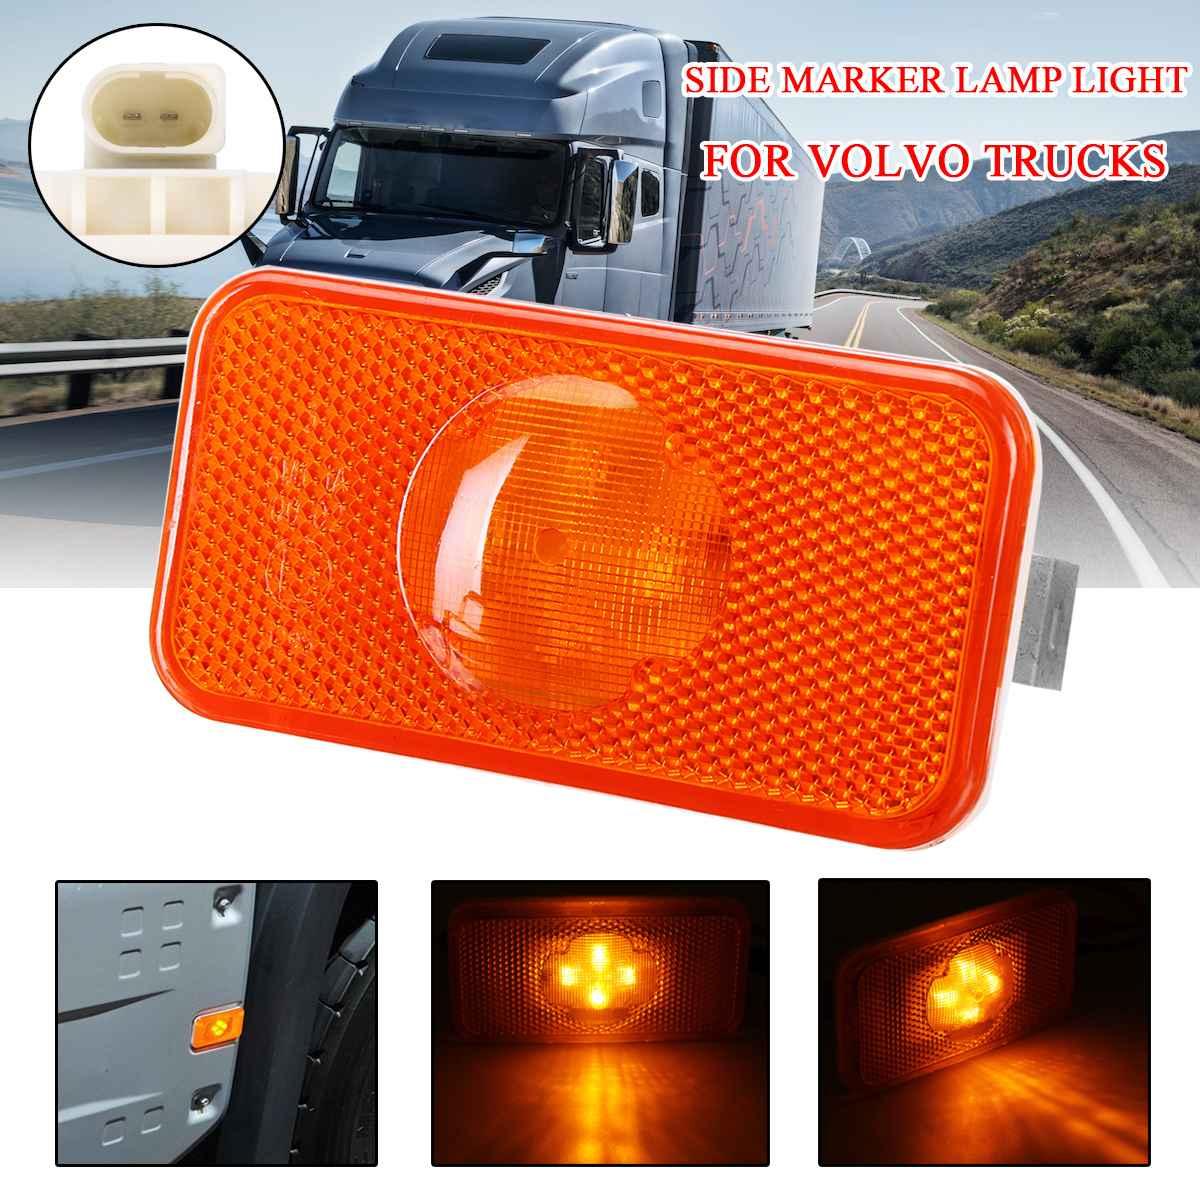 24V Car Truck 4LED Side Marker Light Amber Indicator Lamps For Volvo Trucks Series FH/FM/FL